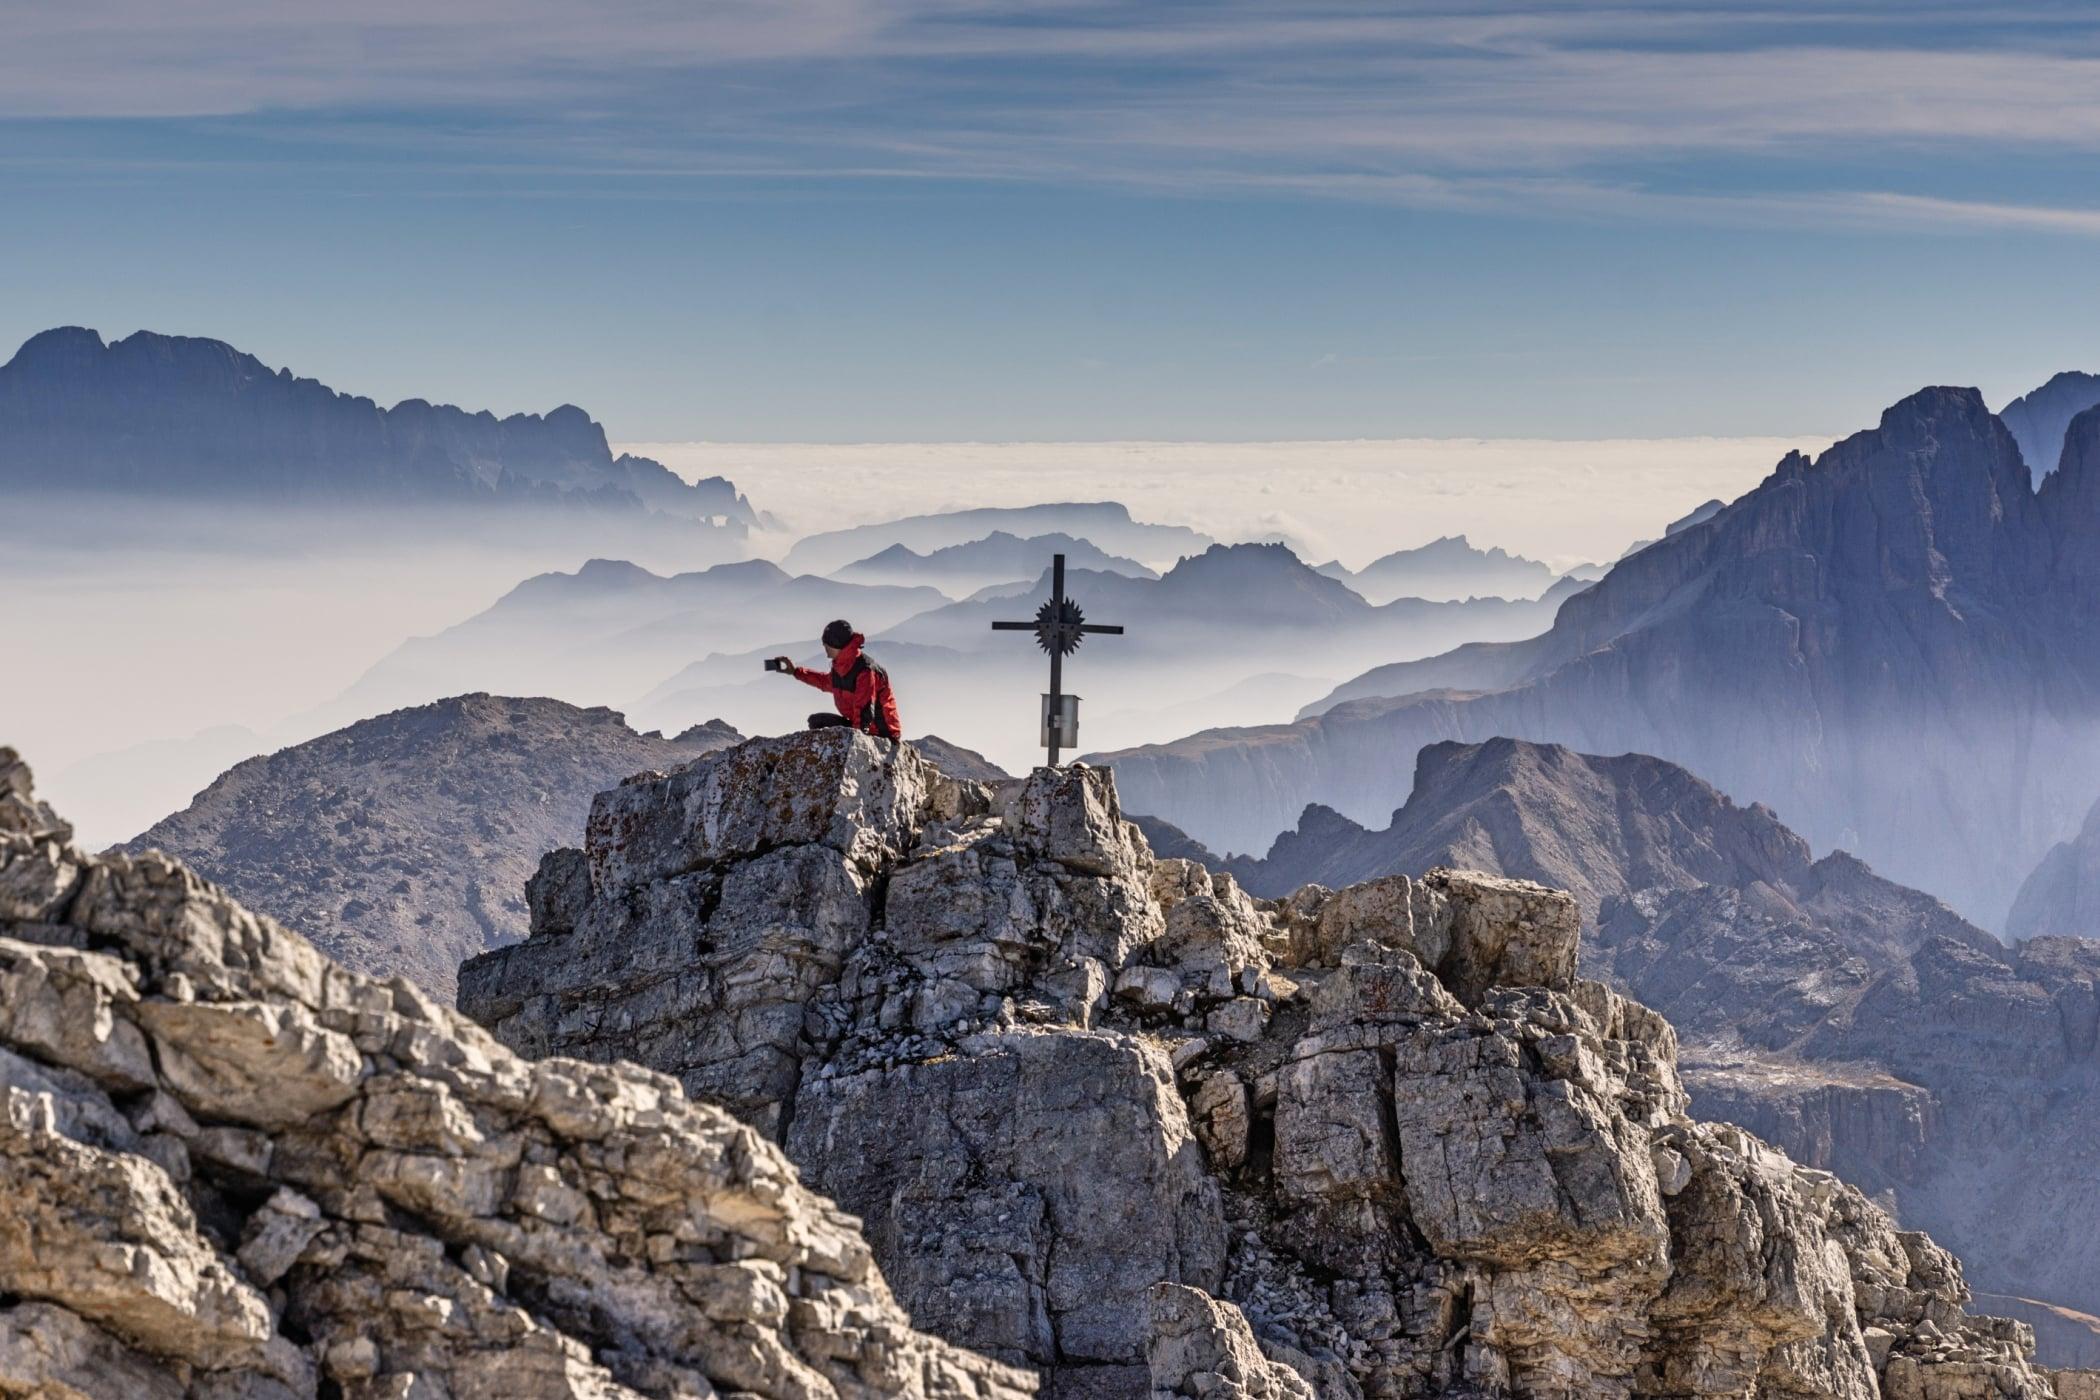 Switzerland_2_fivestardestination_five_star_destination